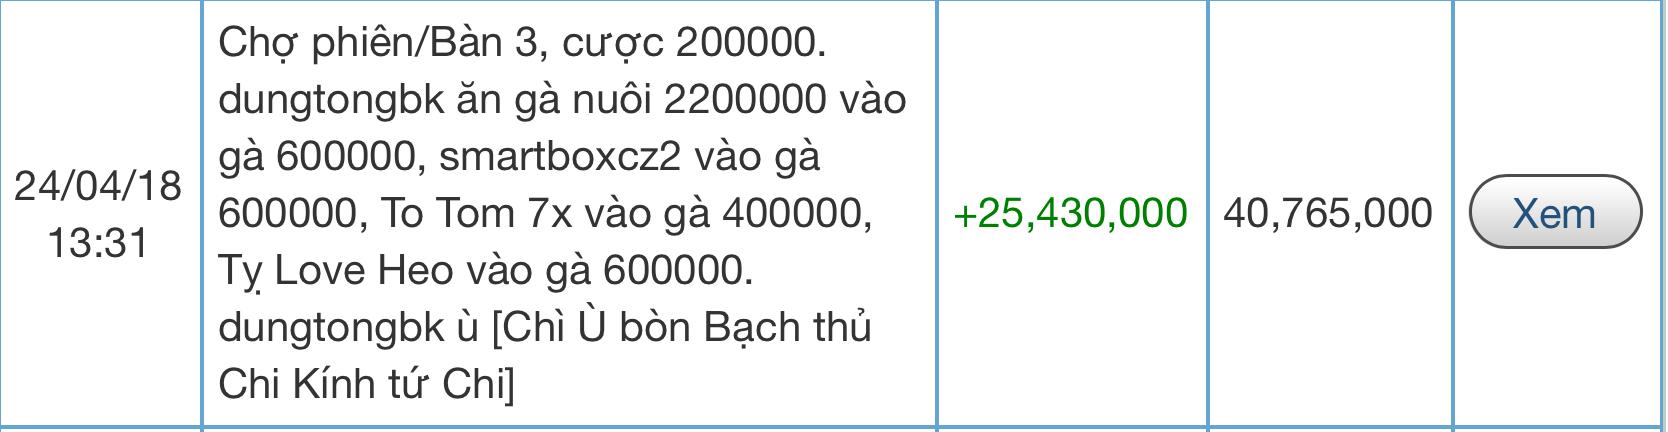 3585C306-C898-40C7-8858-655C807CBE0C.